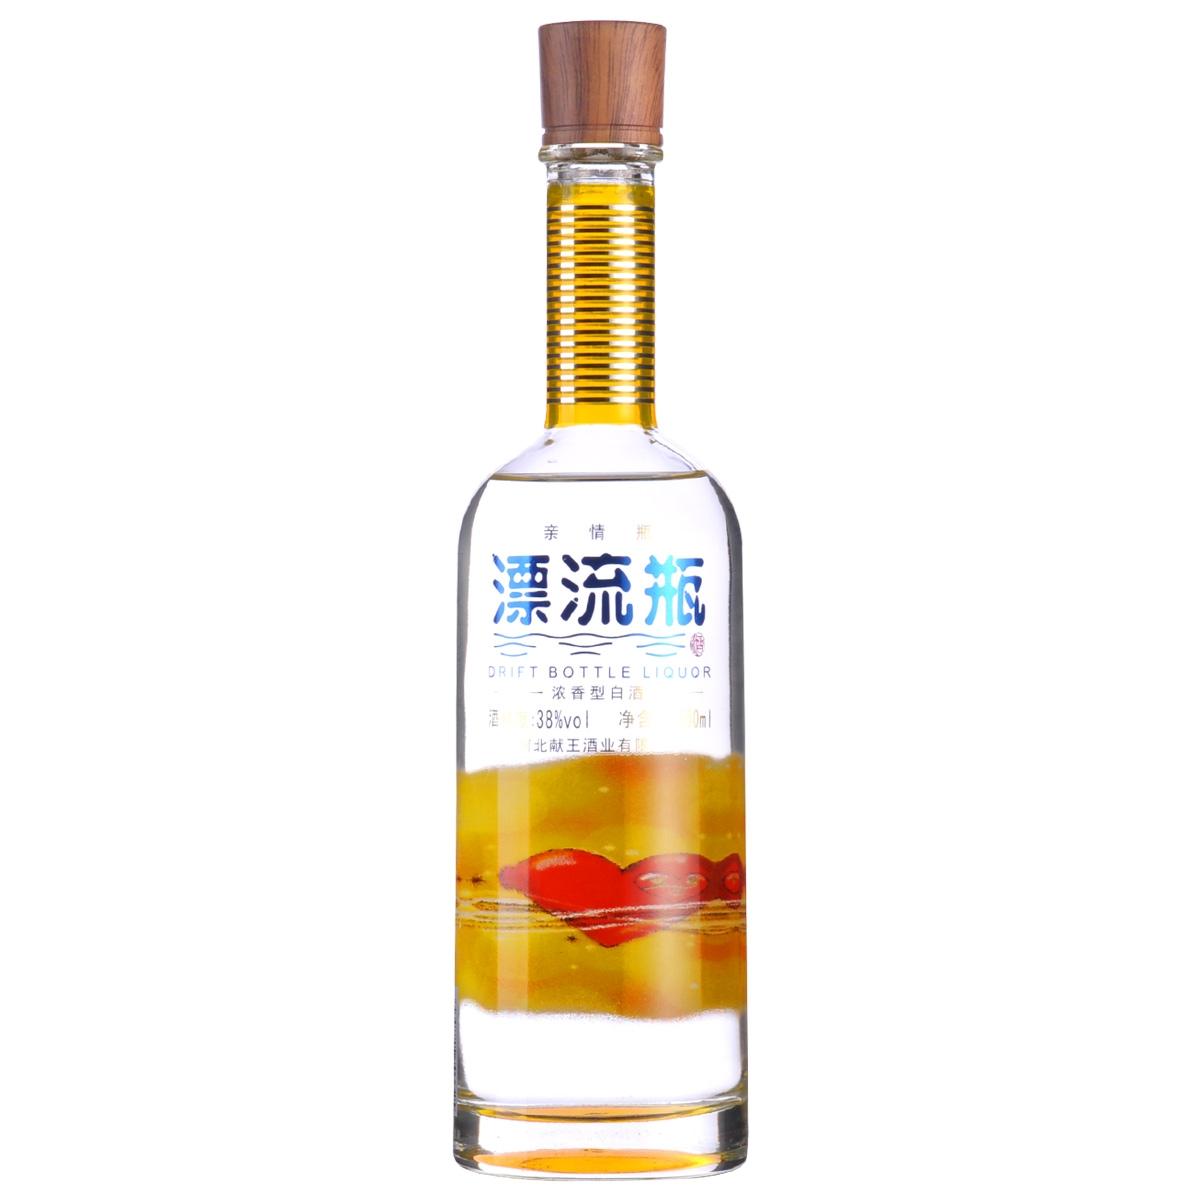 【清仓】38°漂流瓶酒350ml(亲情瓶)(2014年)